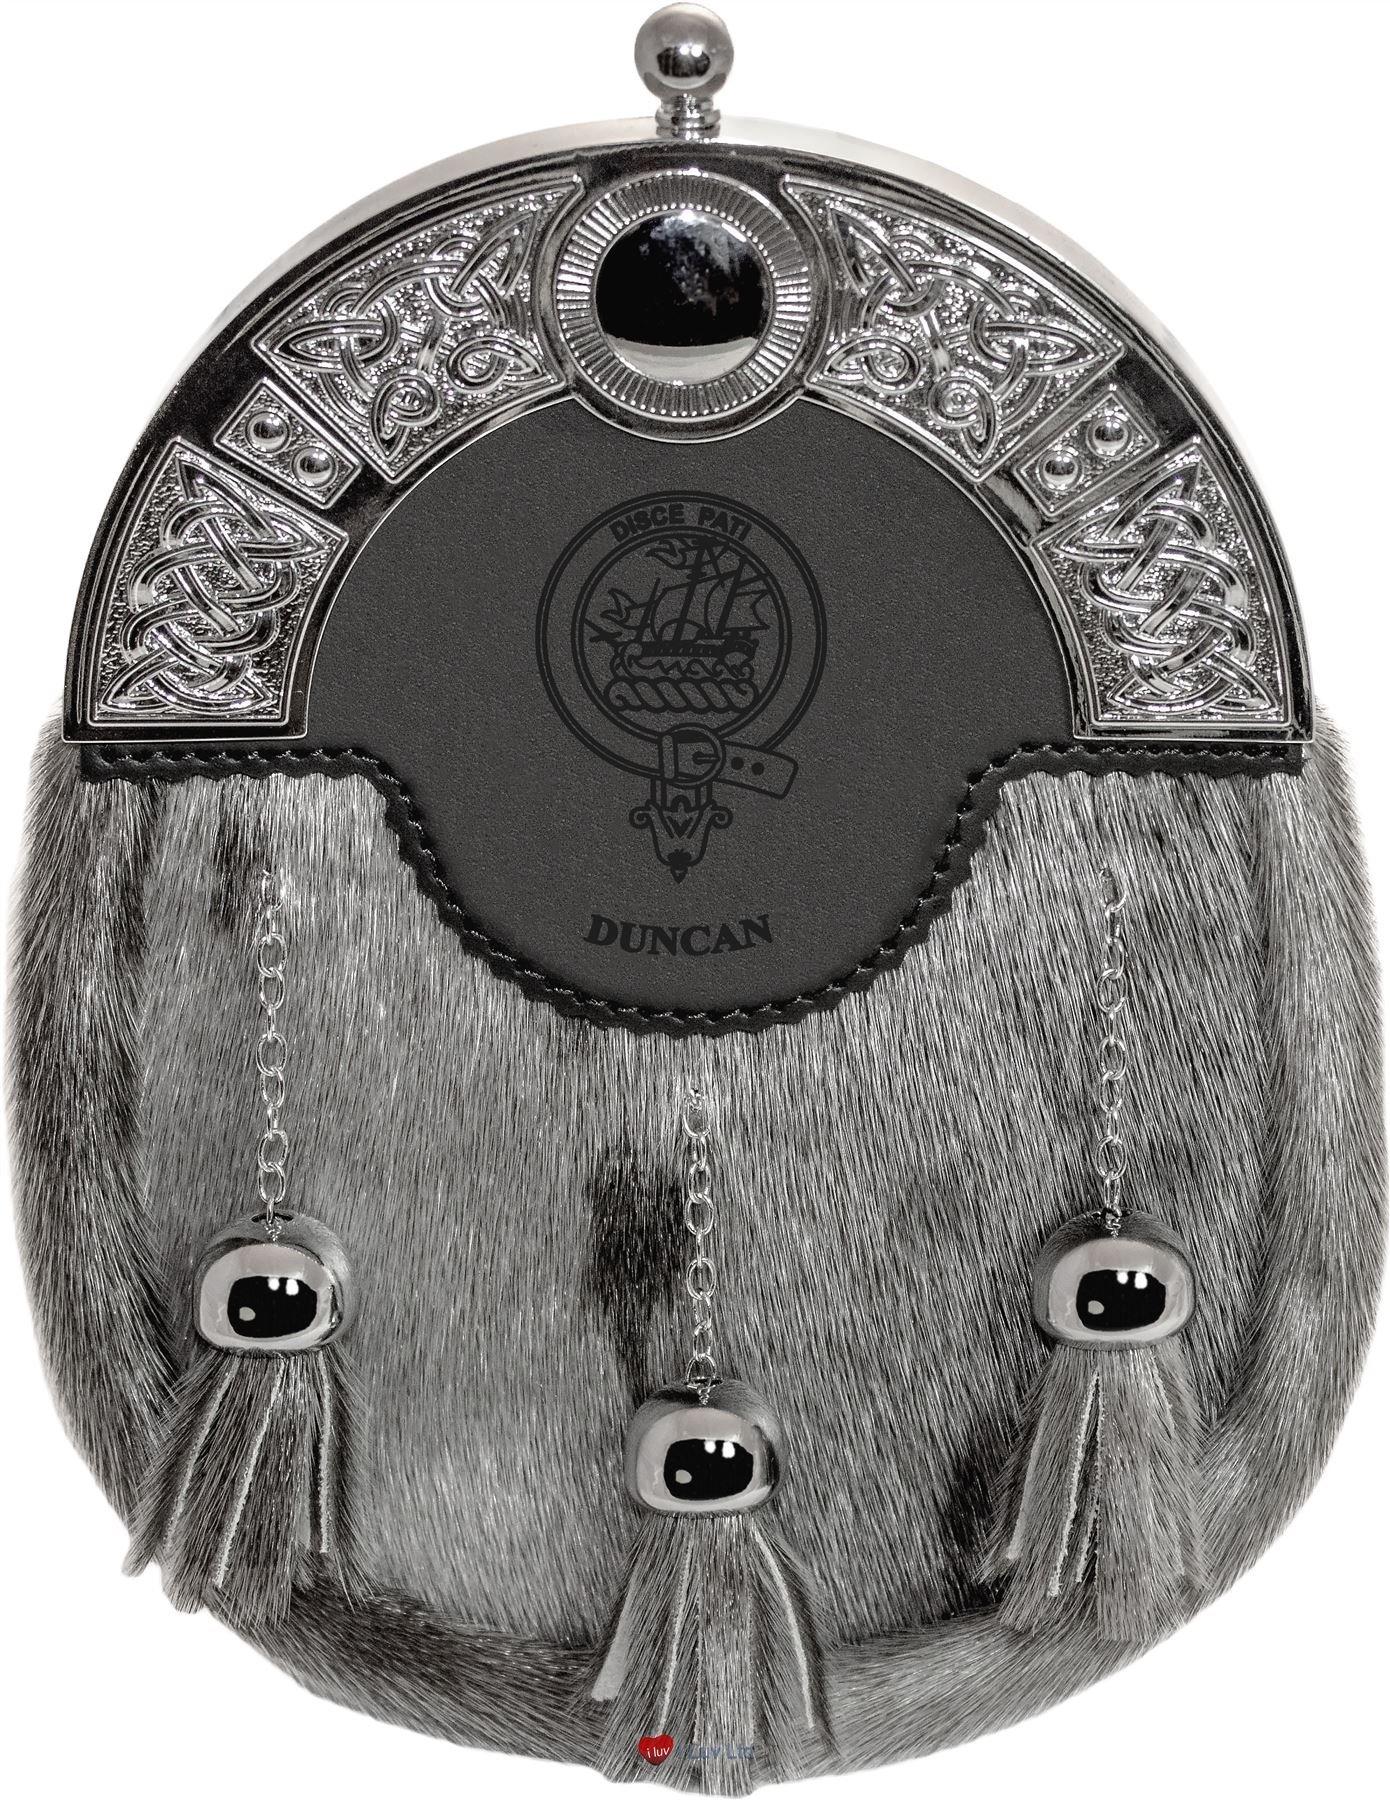 Duncan Dress Sporran 3 Tassels Studded Targe Celtic Arch Scottish Clan Name Crest